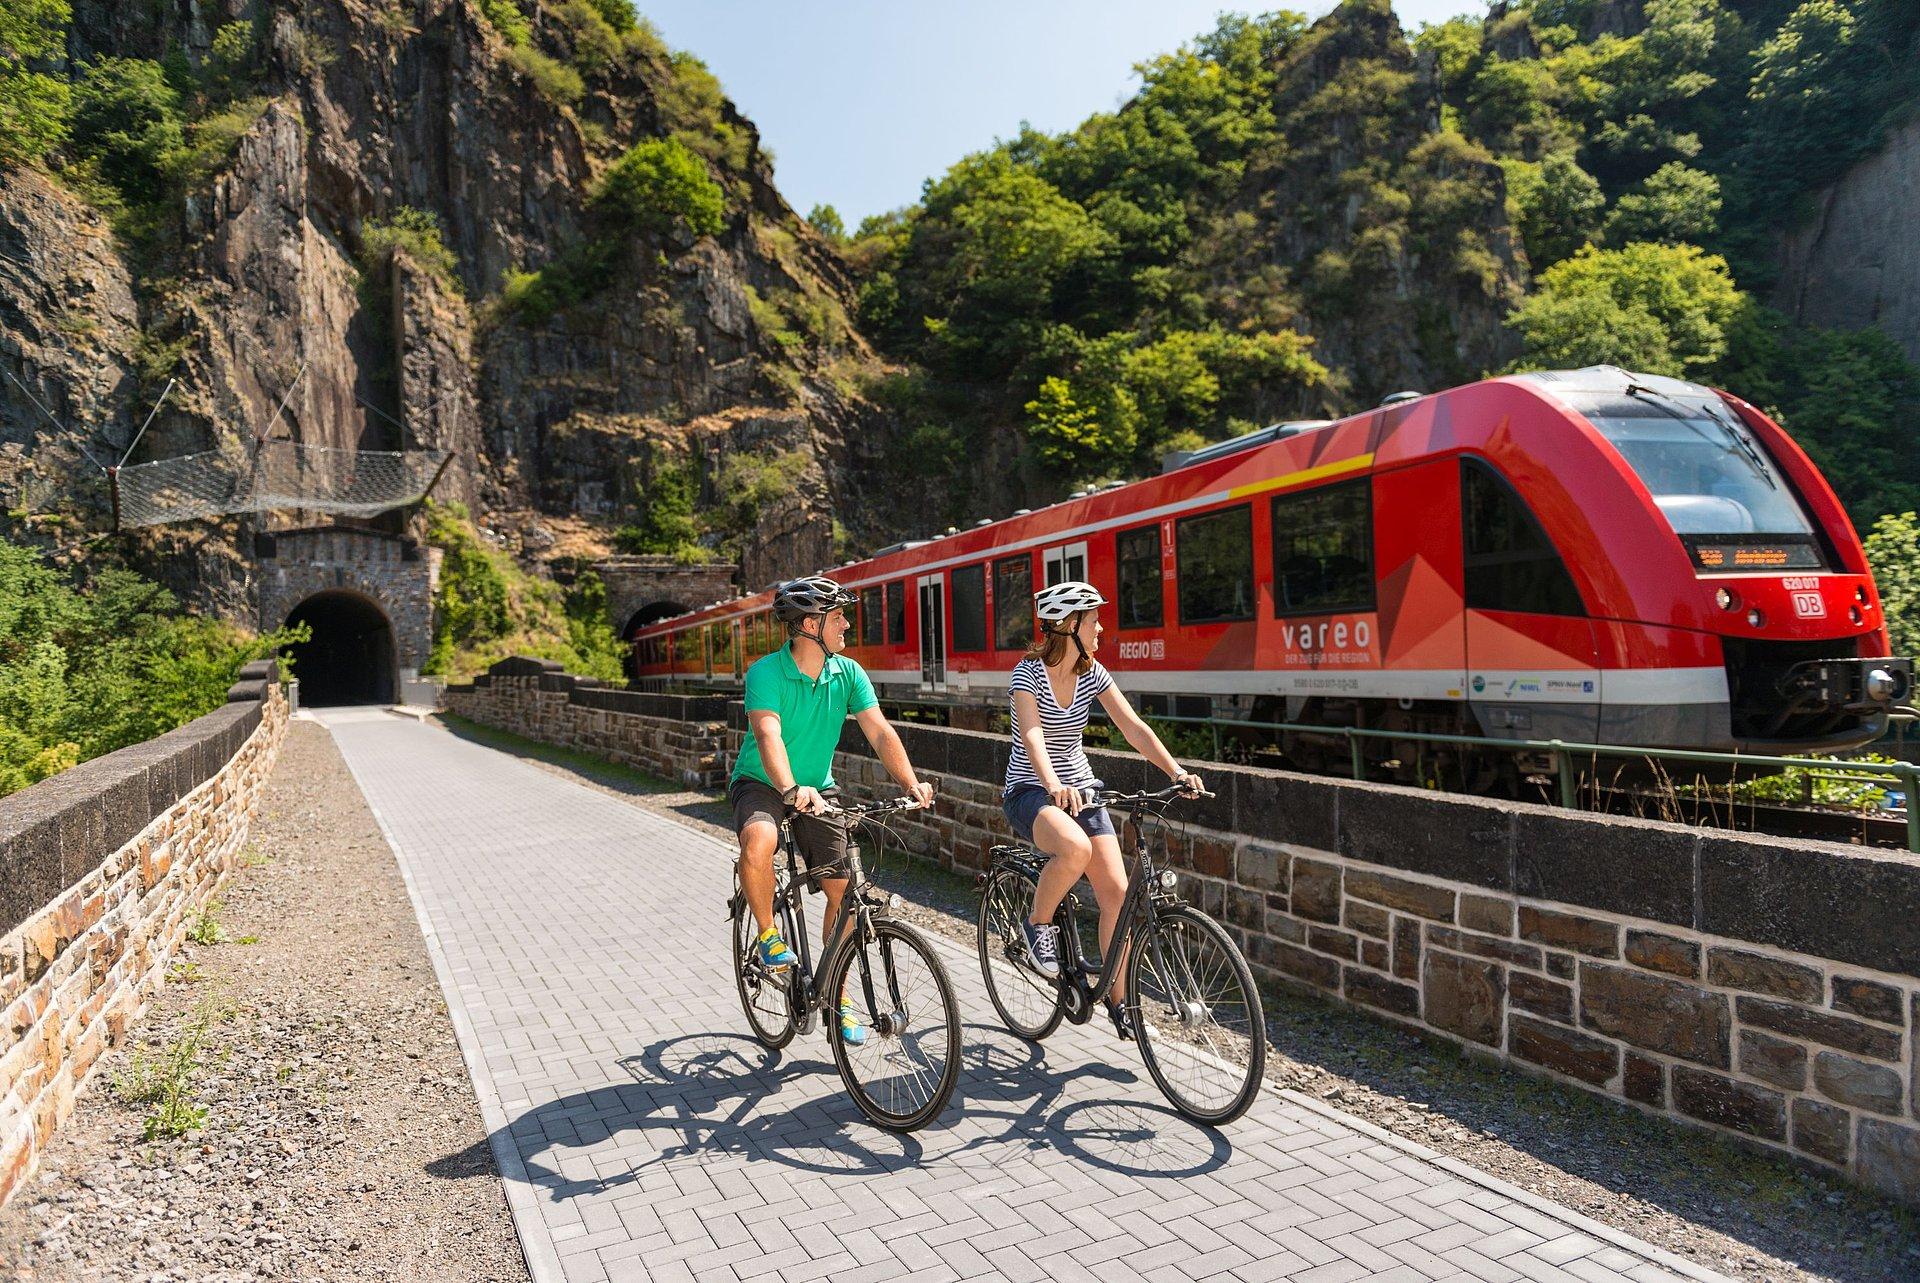 Tour auf dem Ahr-Radweg entlang der Bahngleise bei Altenahr, Ahrtal